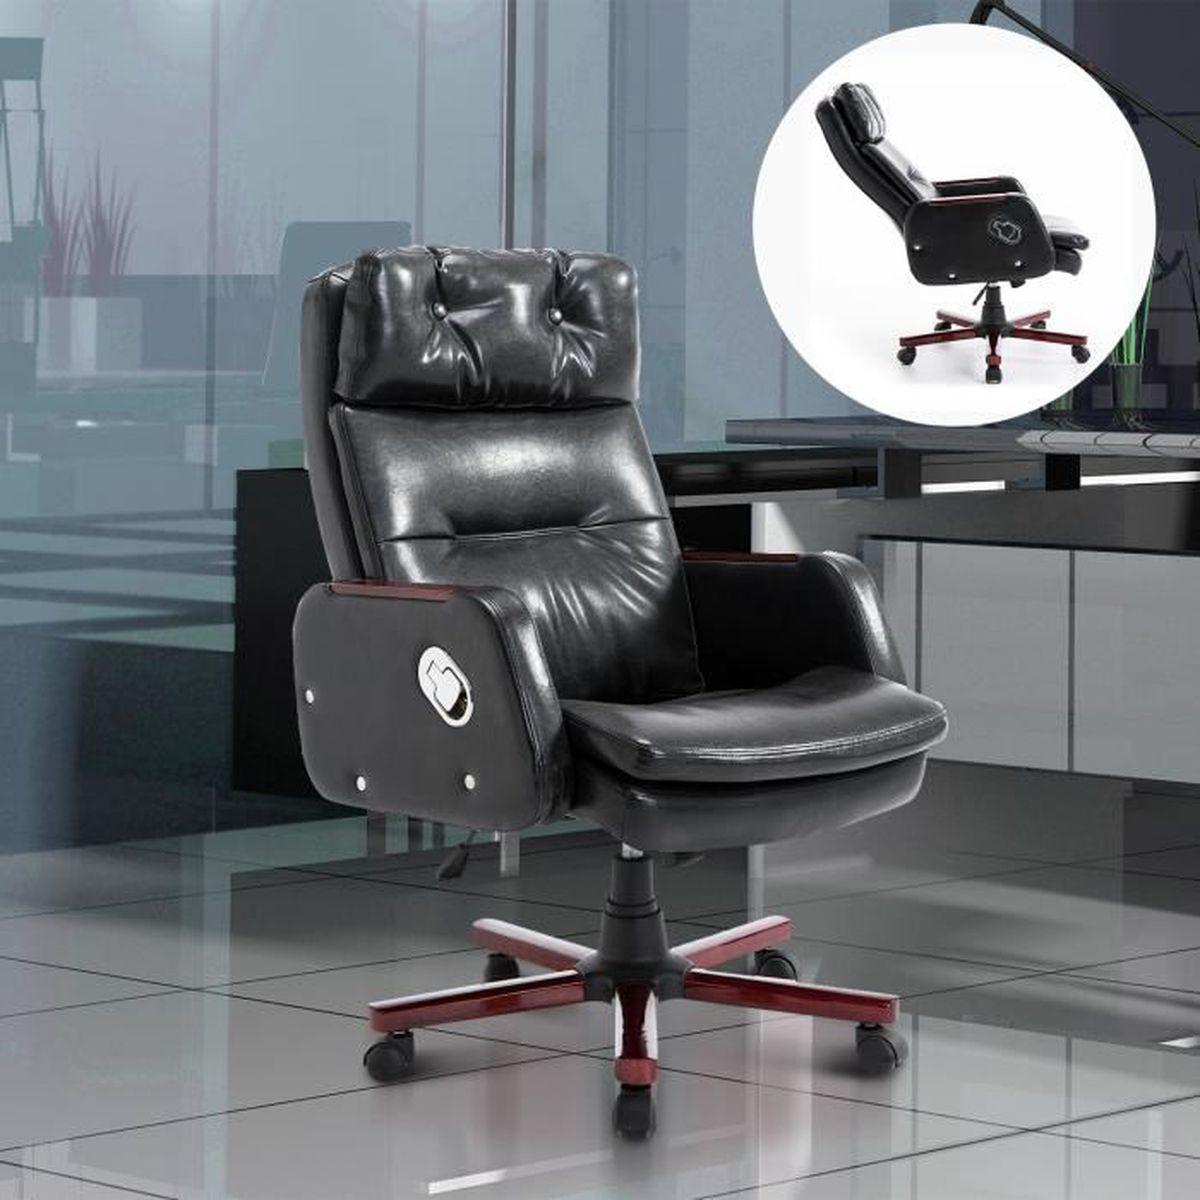 chaise de bureau fauteuil ergonomique pivotante inclinable. Black Bedroom Furniture Sets. Home Design Ideas